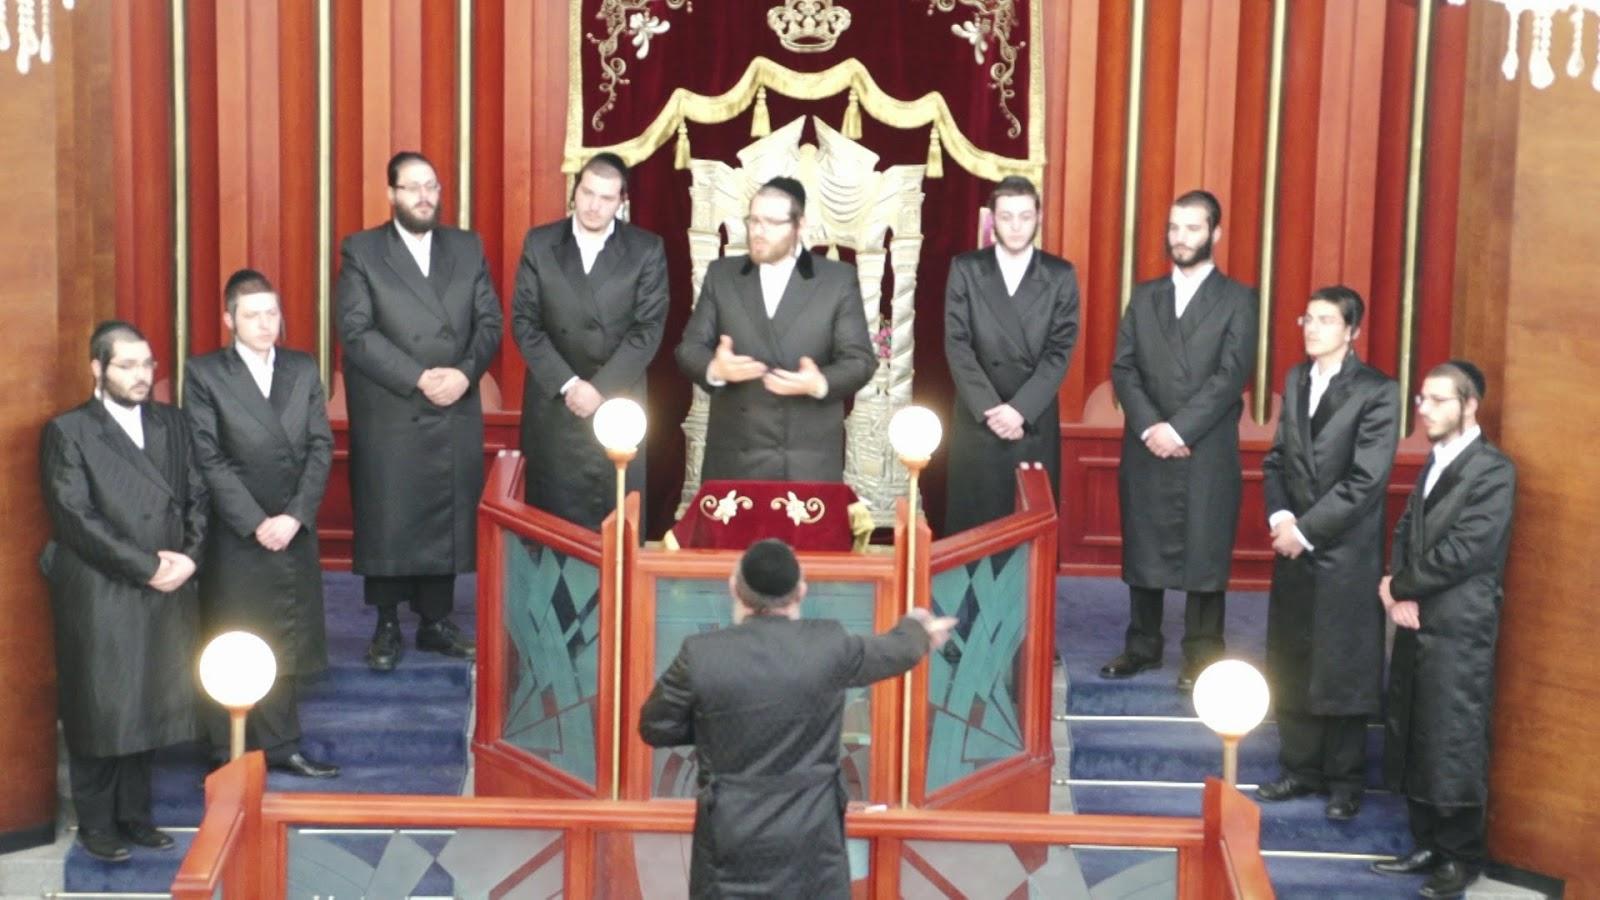 Yaakov Rosenfeld - Shabbat Hamalka